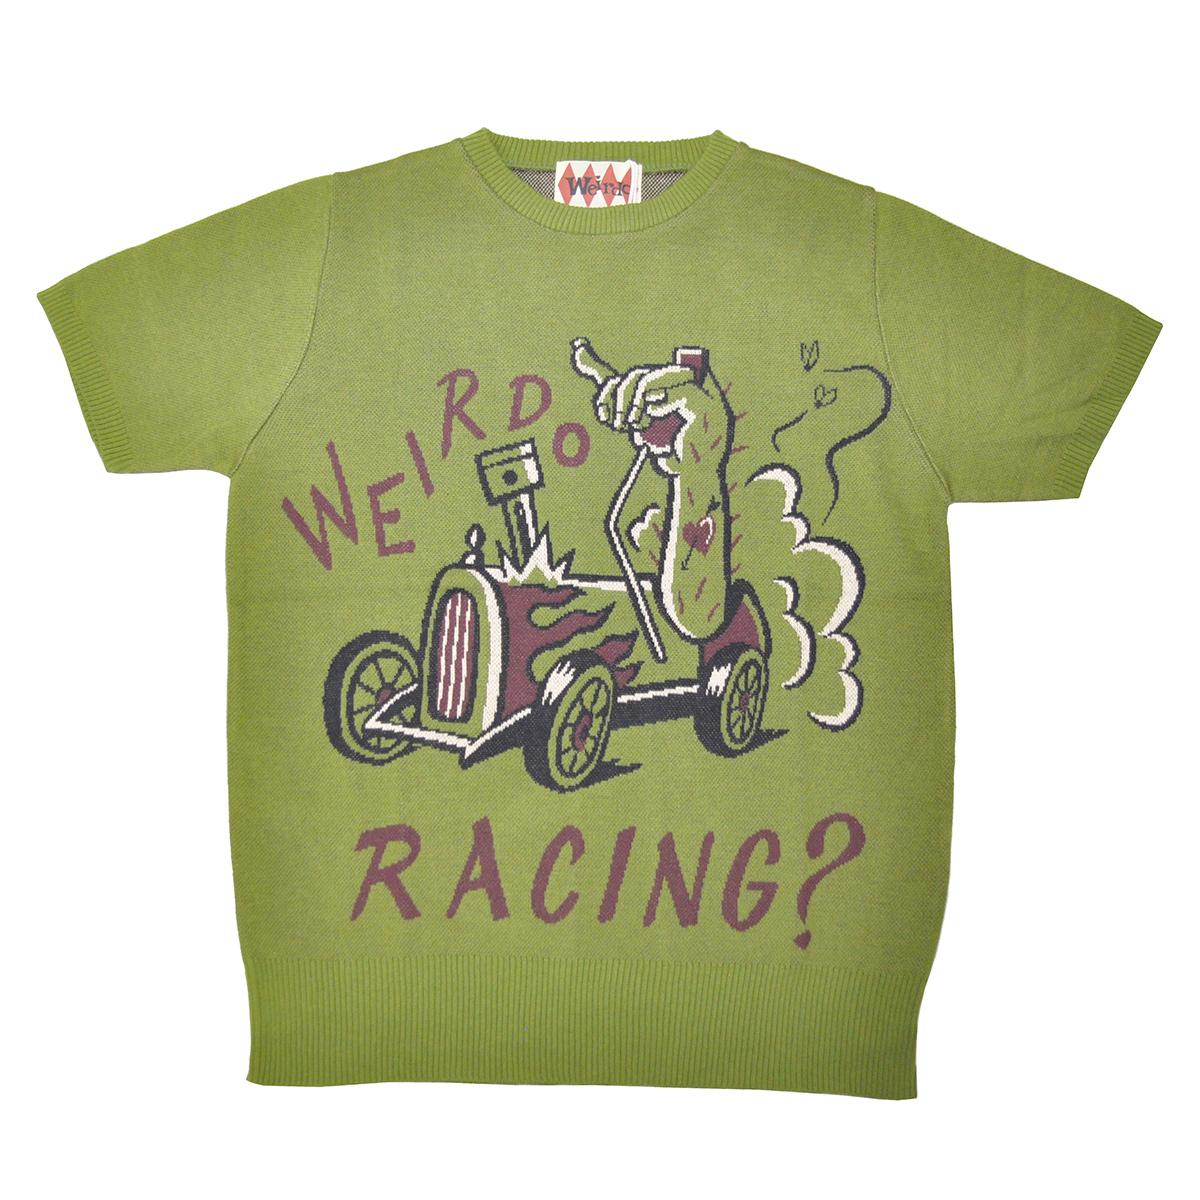 【残りS・Mサイズのみ】WEIRDO WRD ROD - S/S SWEATER (RACING?/GREEN)ウィアード 半袖セーター/サマーニット/GLADHAND【GANGSTERVILLE/ギャングスタービル/OLD CROW/オールドクロウ】